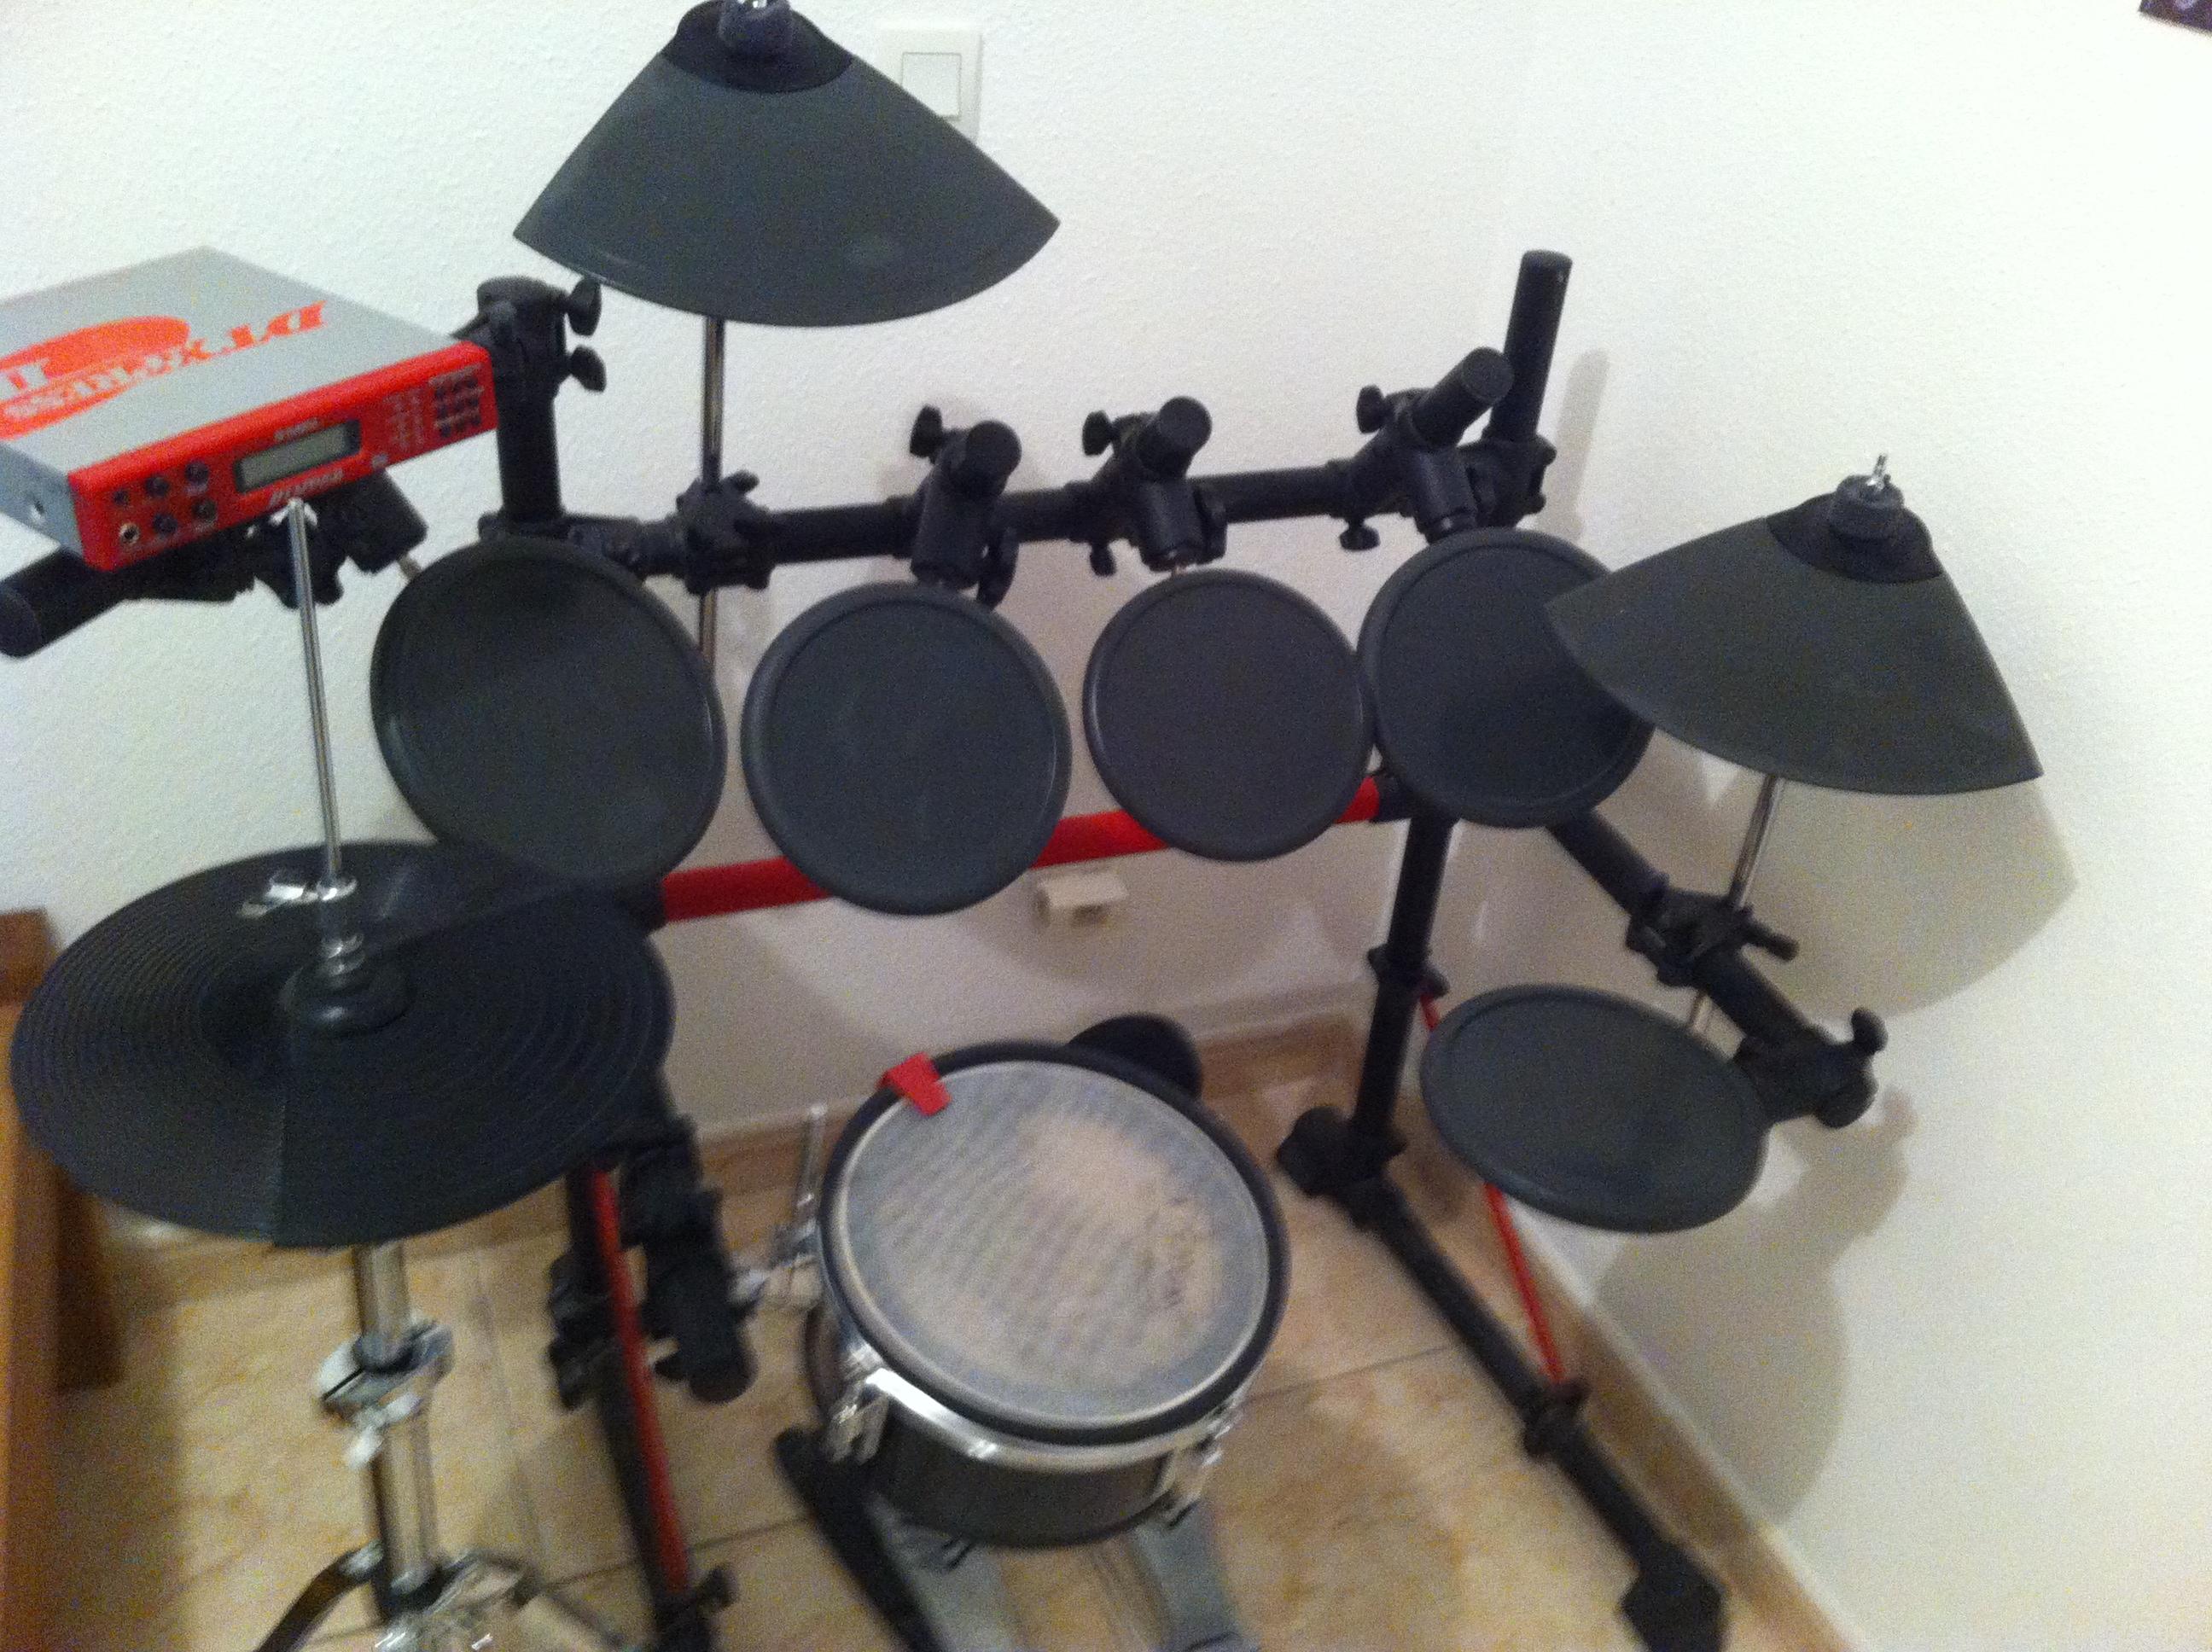 yamaha dtxpress ii manual free owners manual u2022 rh wordworksbysea com Yamaha Dtxpress Drums Yamaha Dtxpress Drums